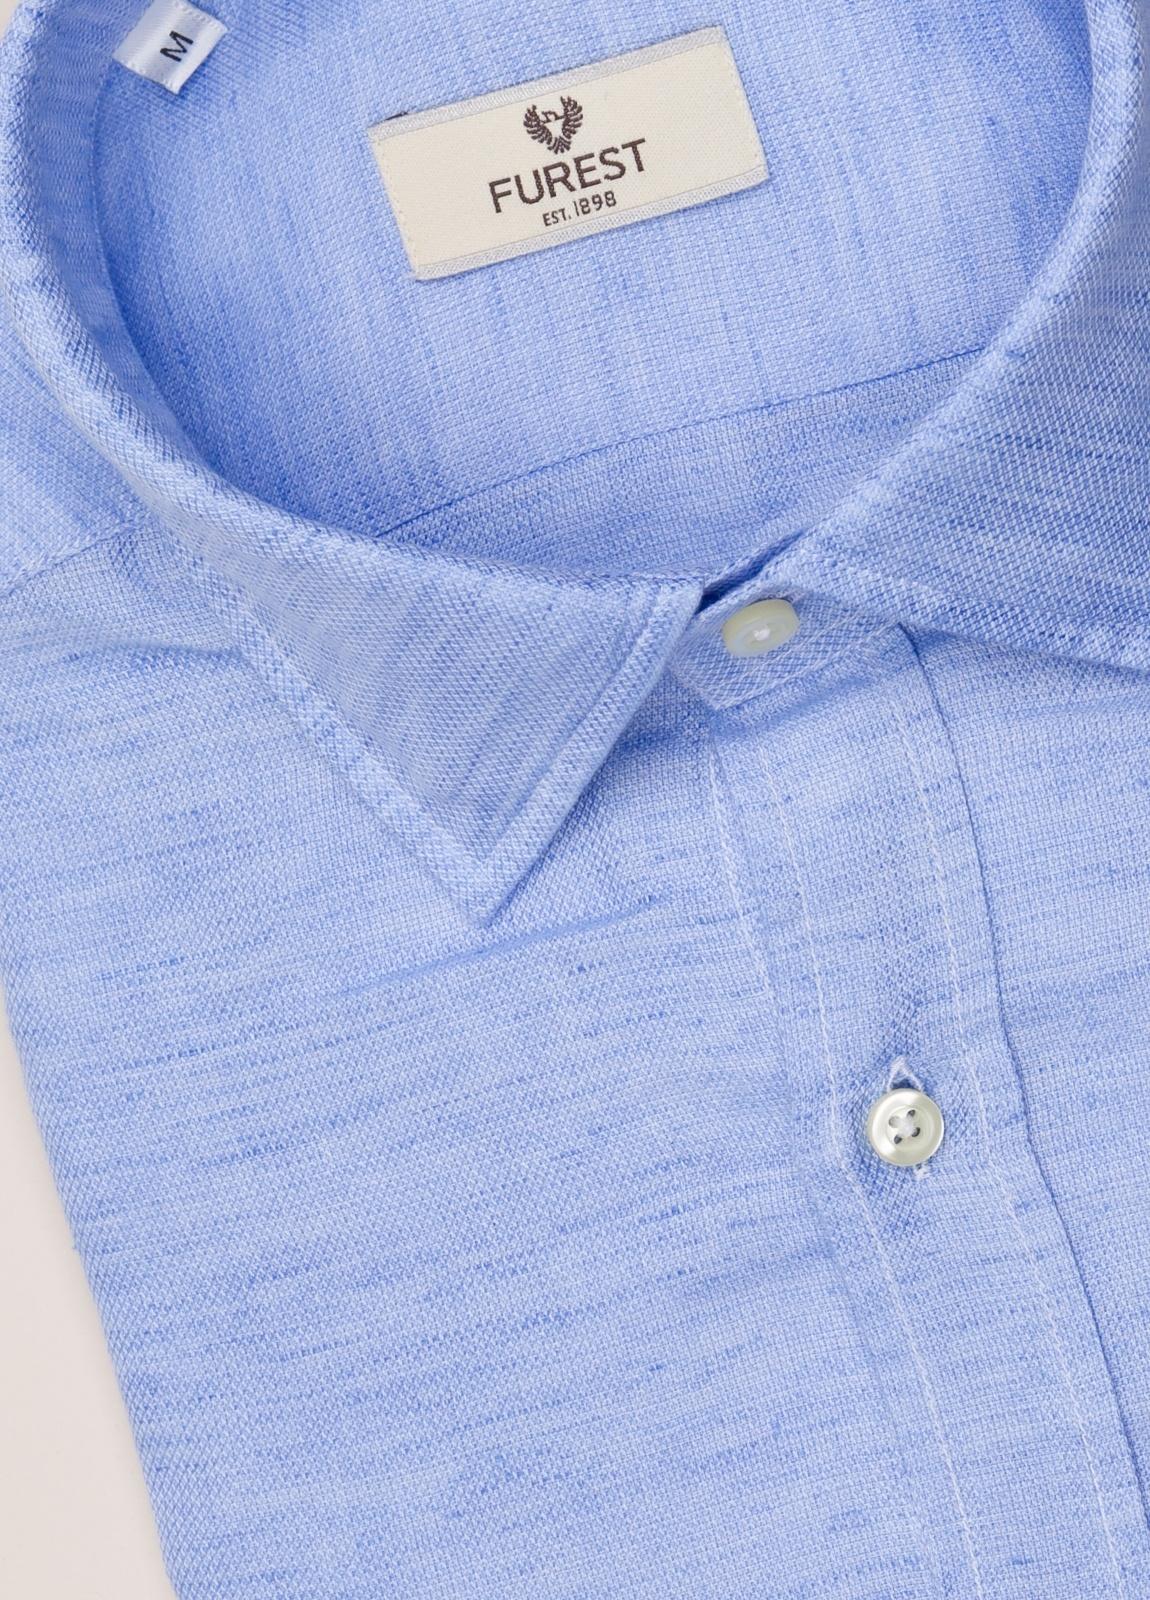 Camisa sport FUREST COLECCIÓN REGULAR FIT celeste - Ítem1